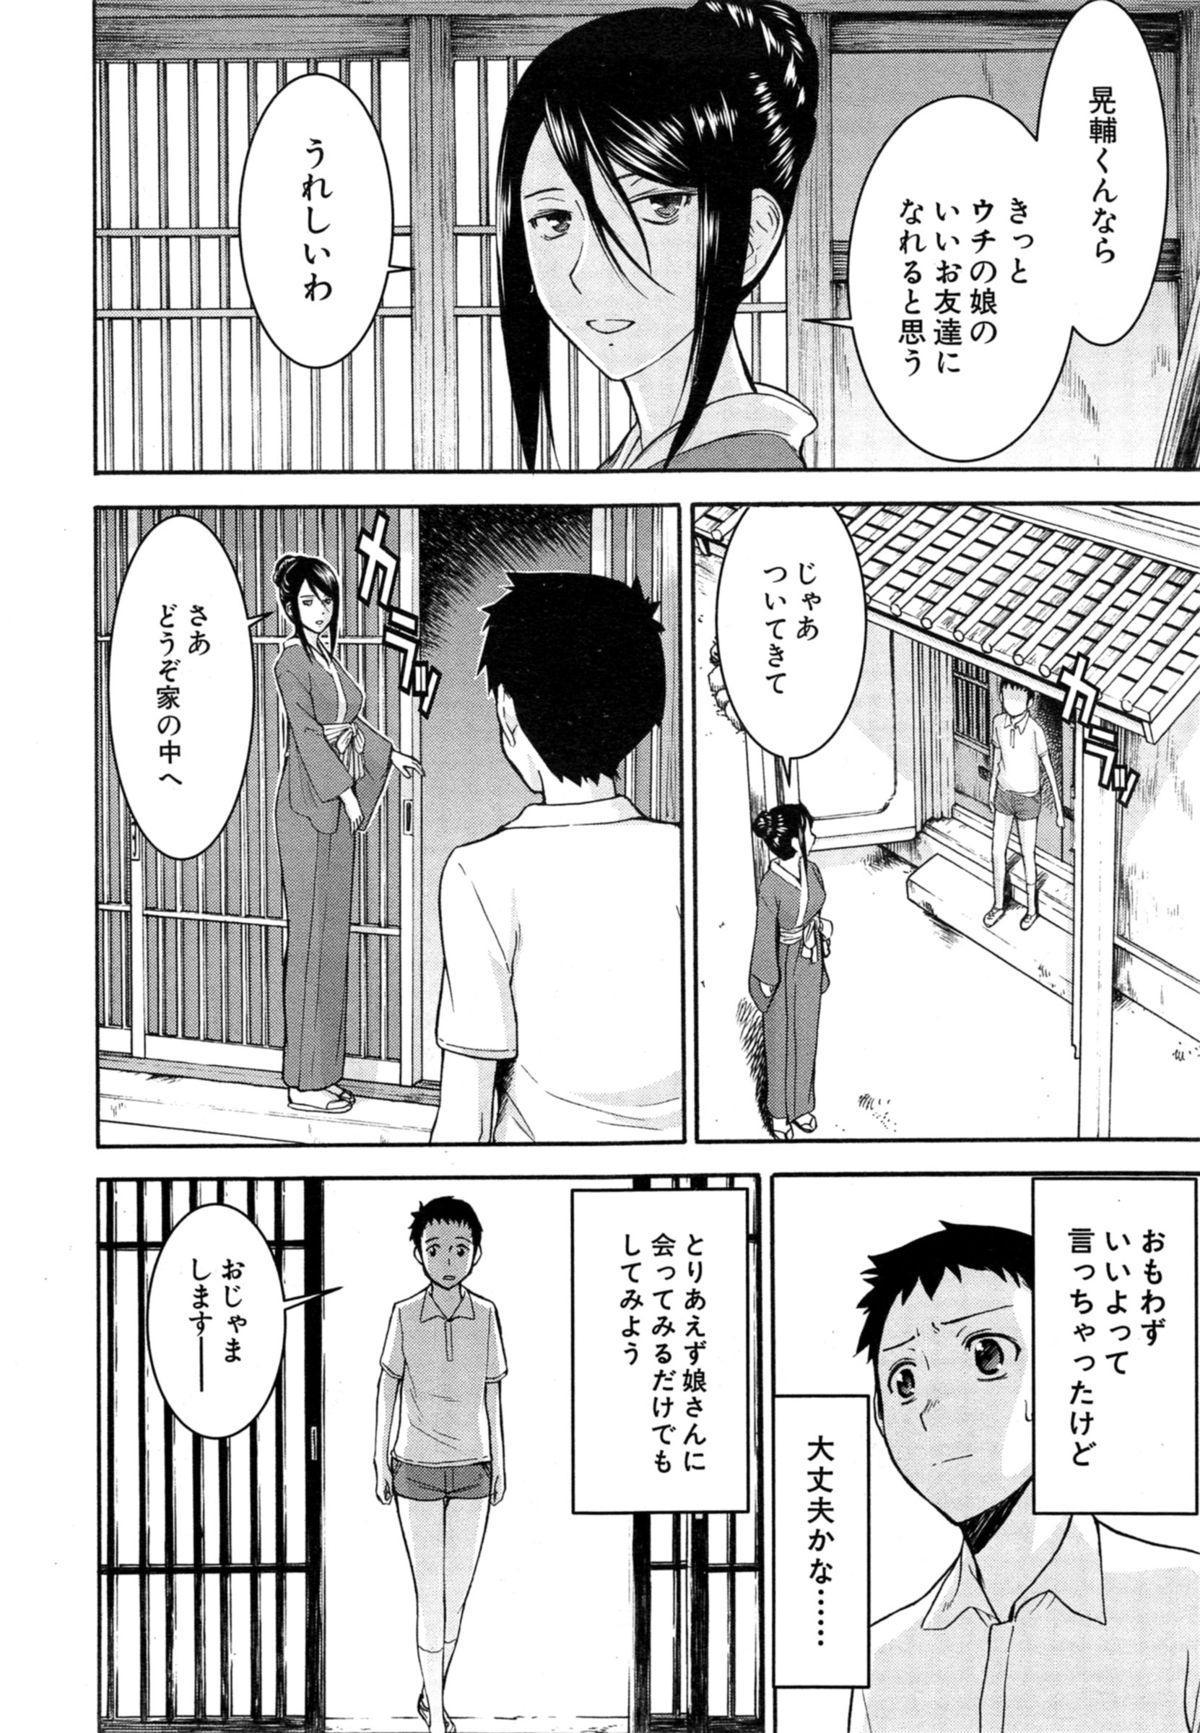 Zashikihime no Omocha Ch. 1-2 31